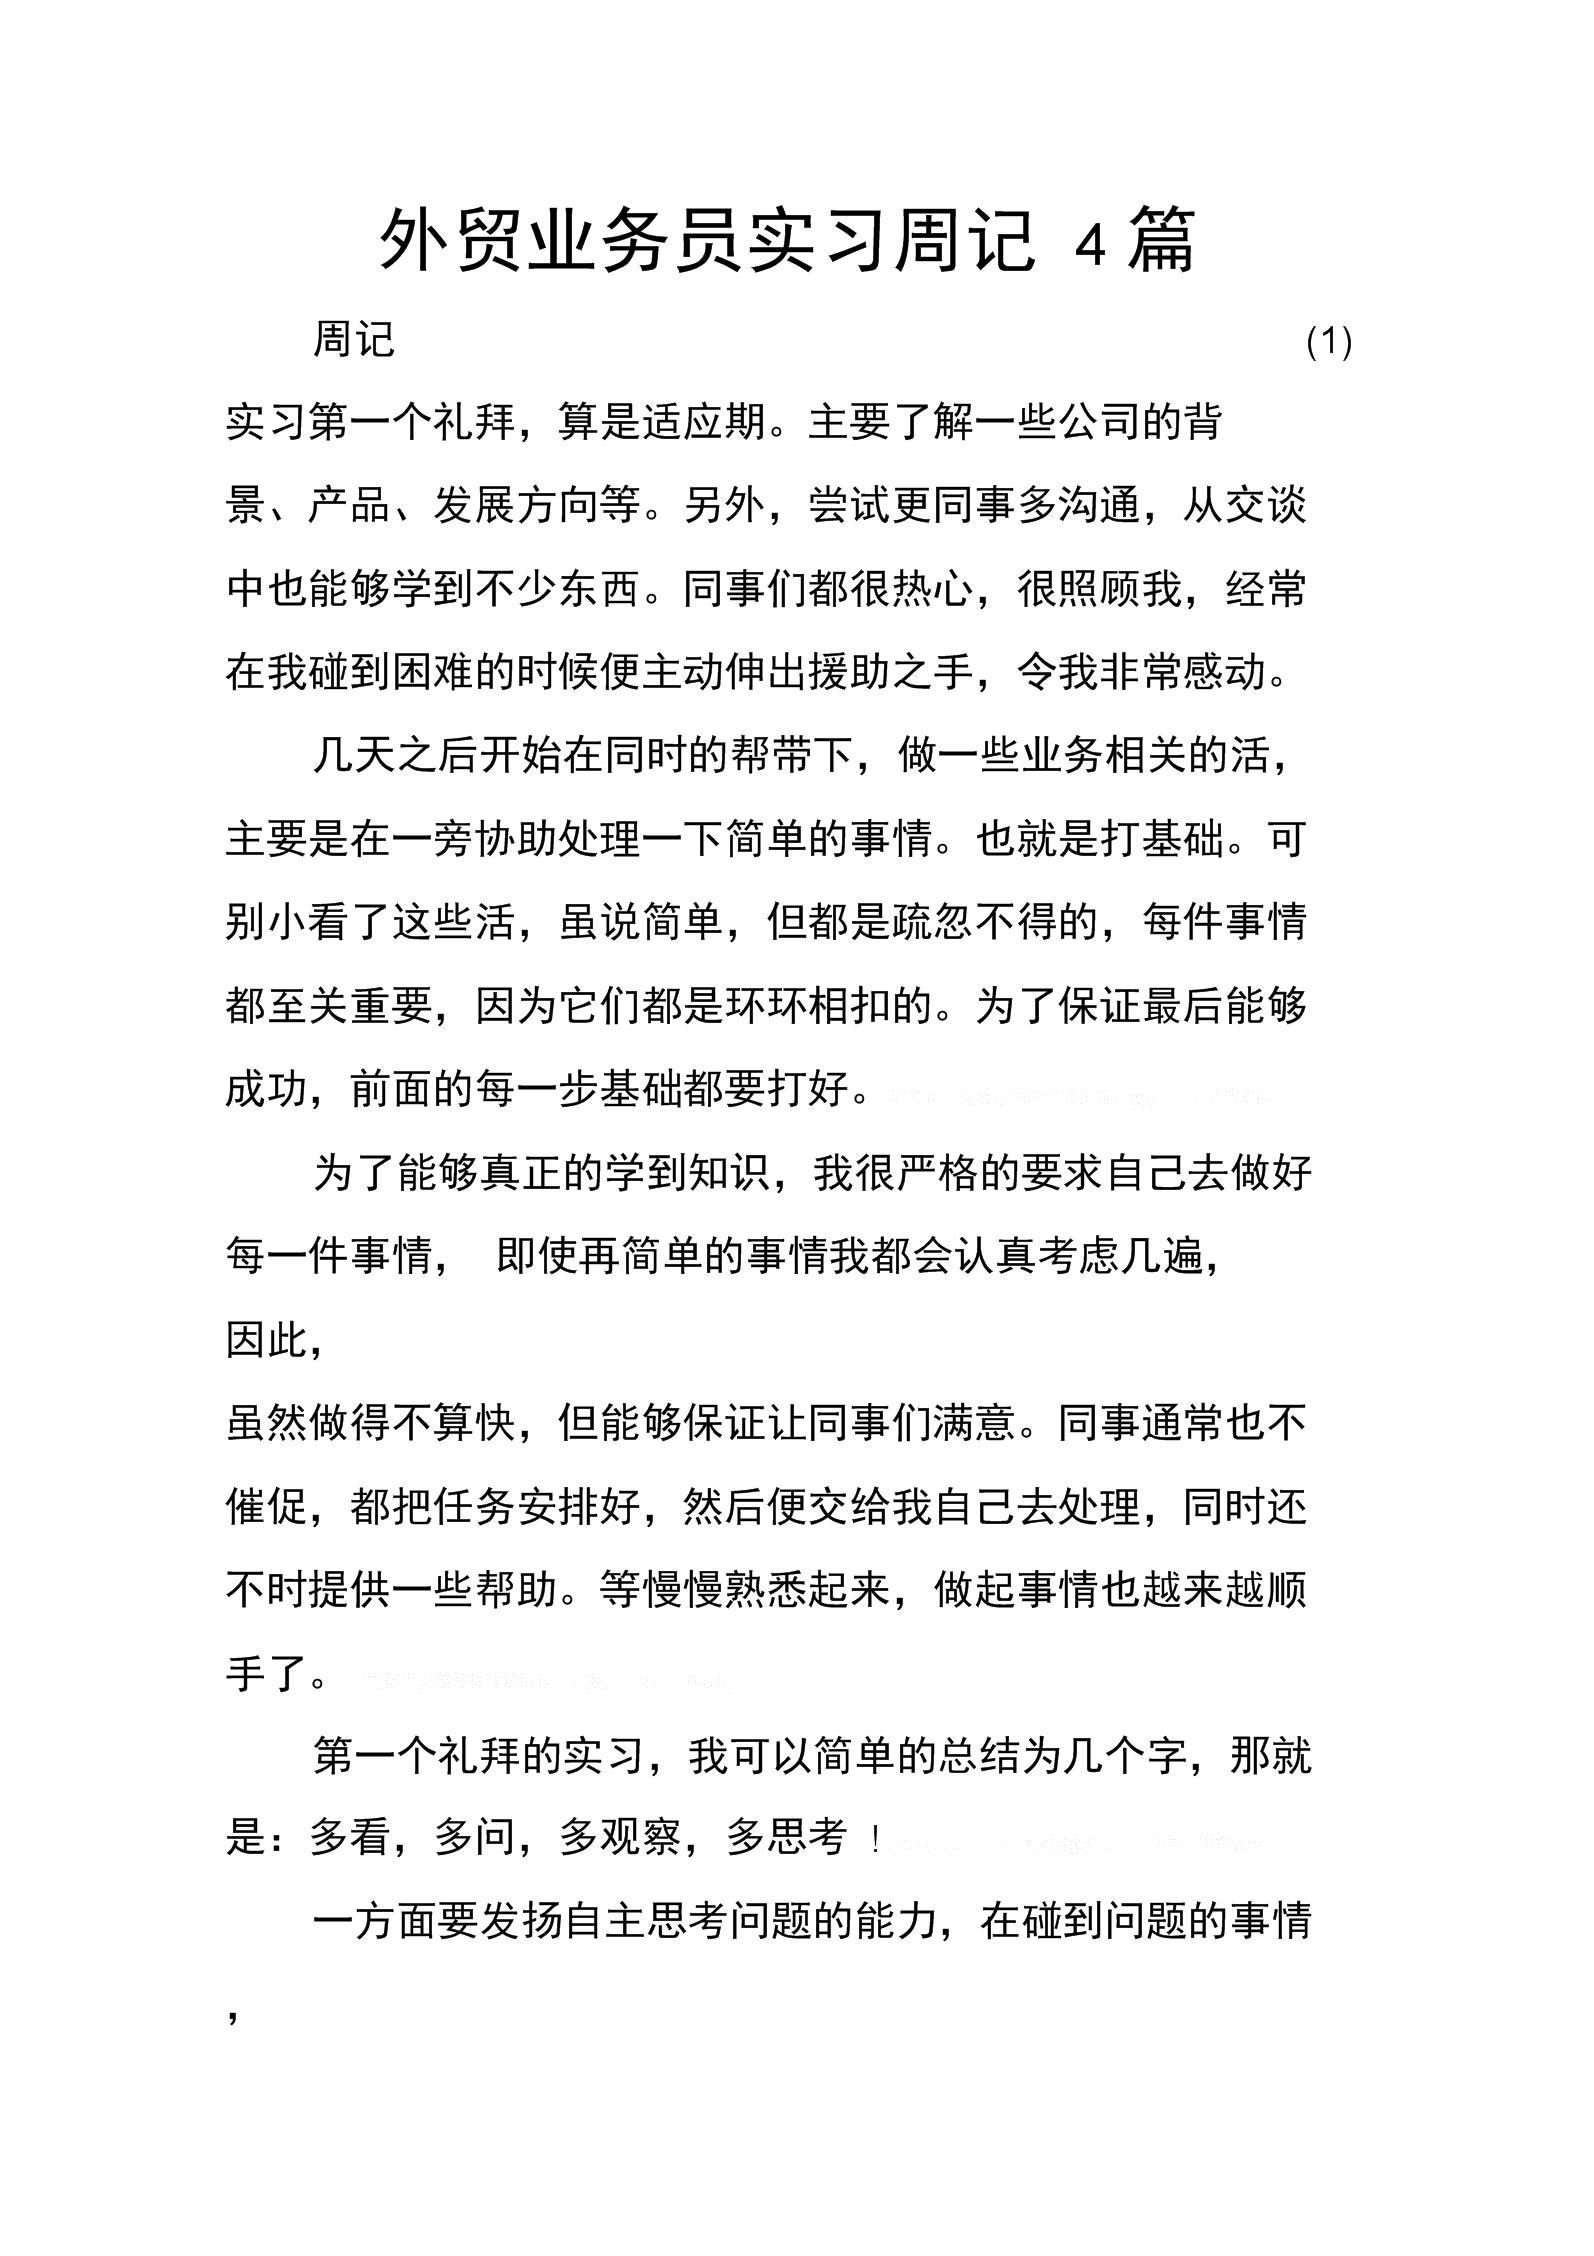 外贸业务员实习周记4篇.docx